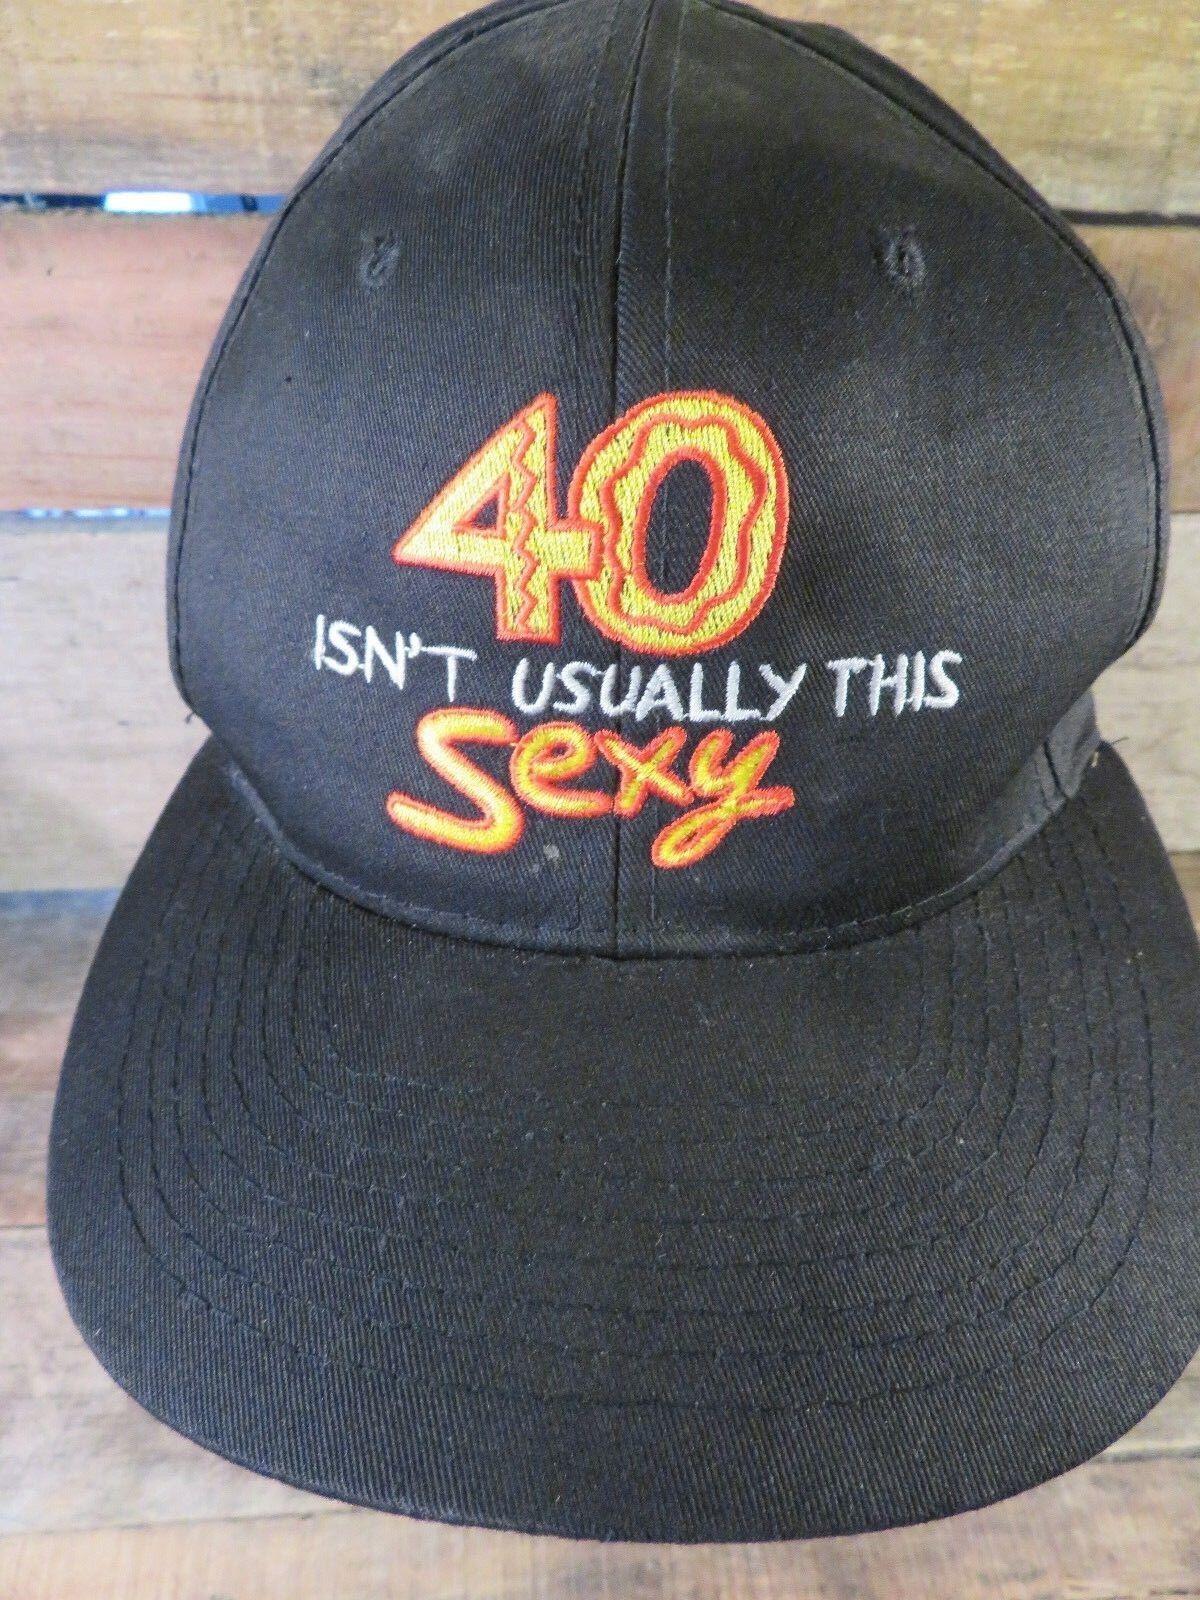 40 Isn'T Normalerweise Dieses Sexy Schuhkarton Verstellbar Erwachsene Hut Kappe